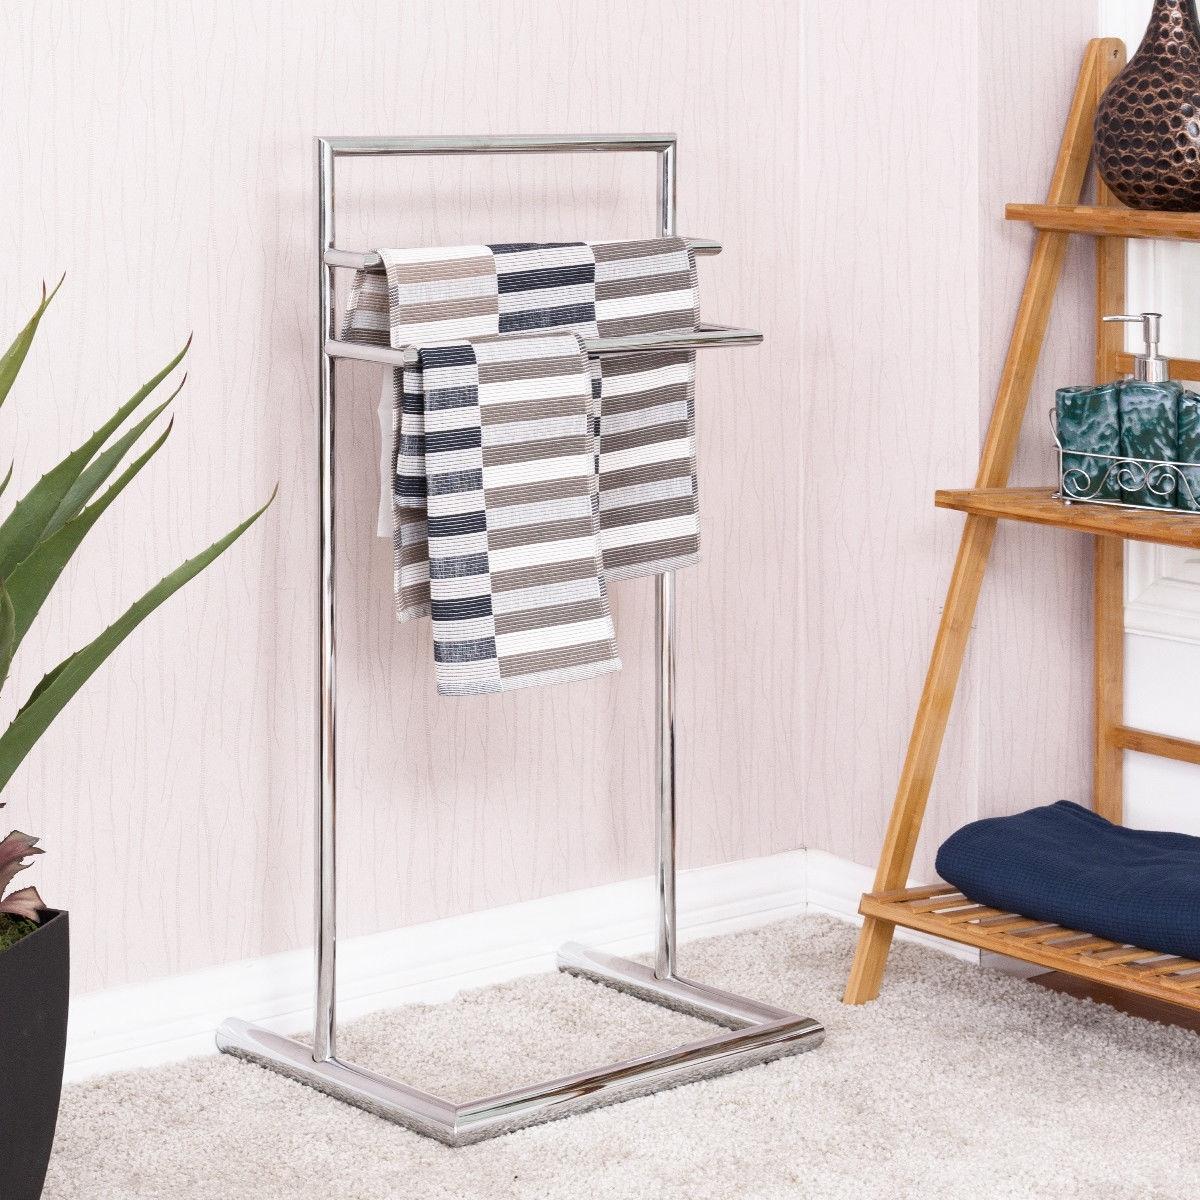 Costway 3 Tier Metal Towel Rack Holder